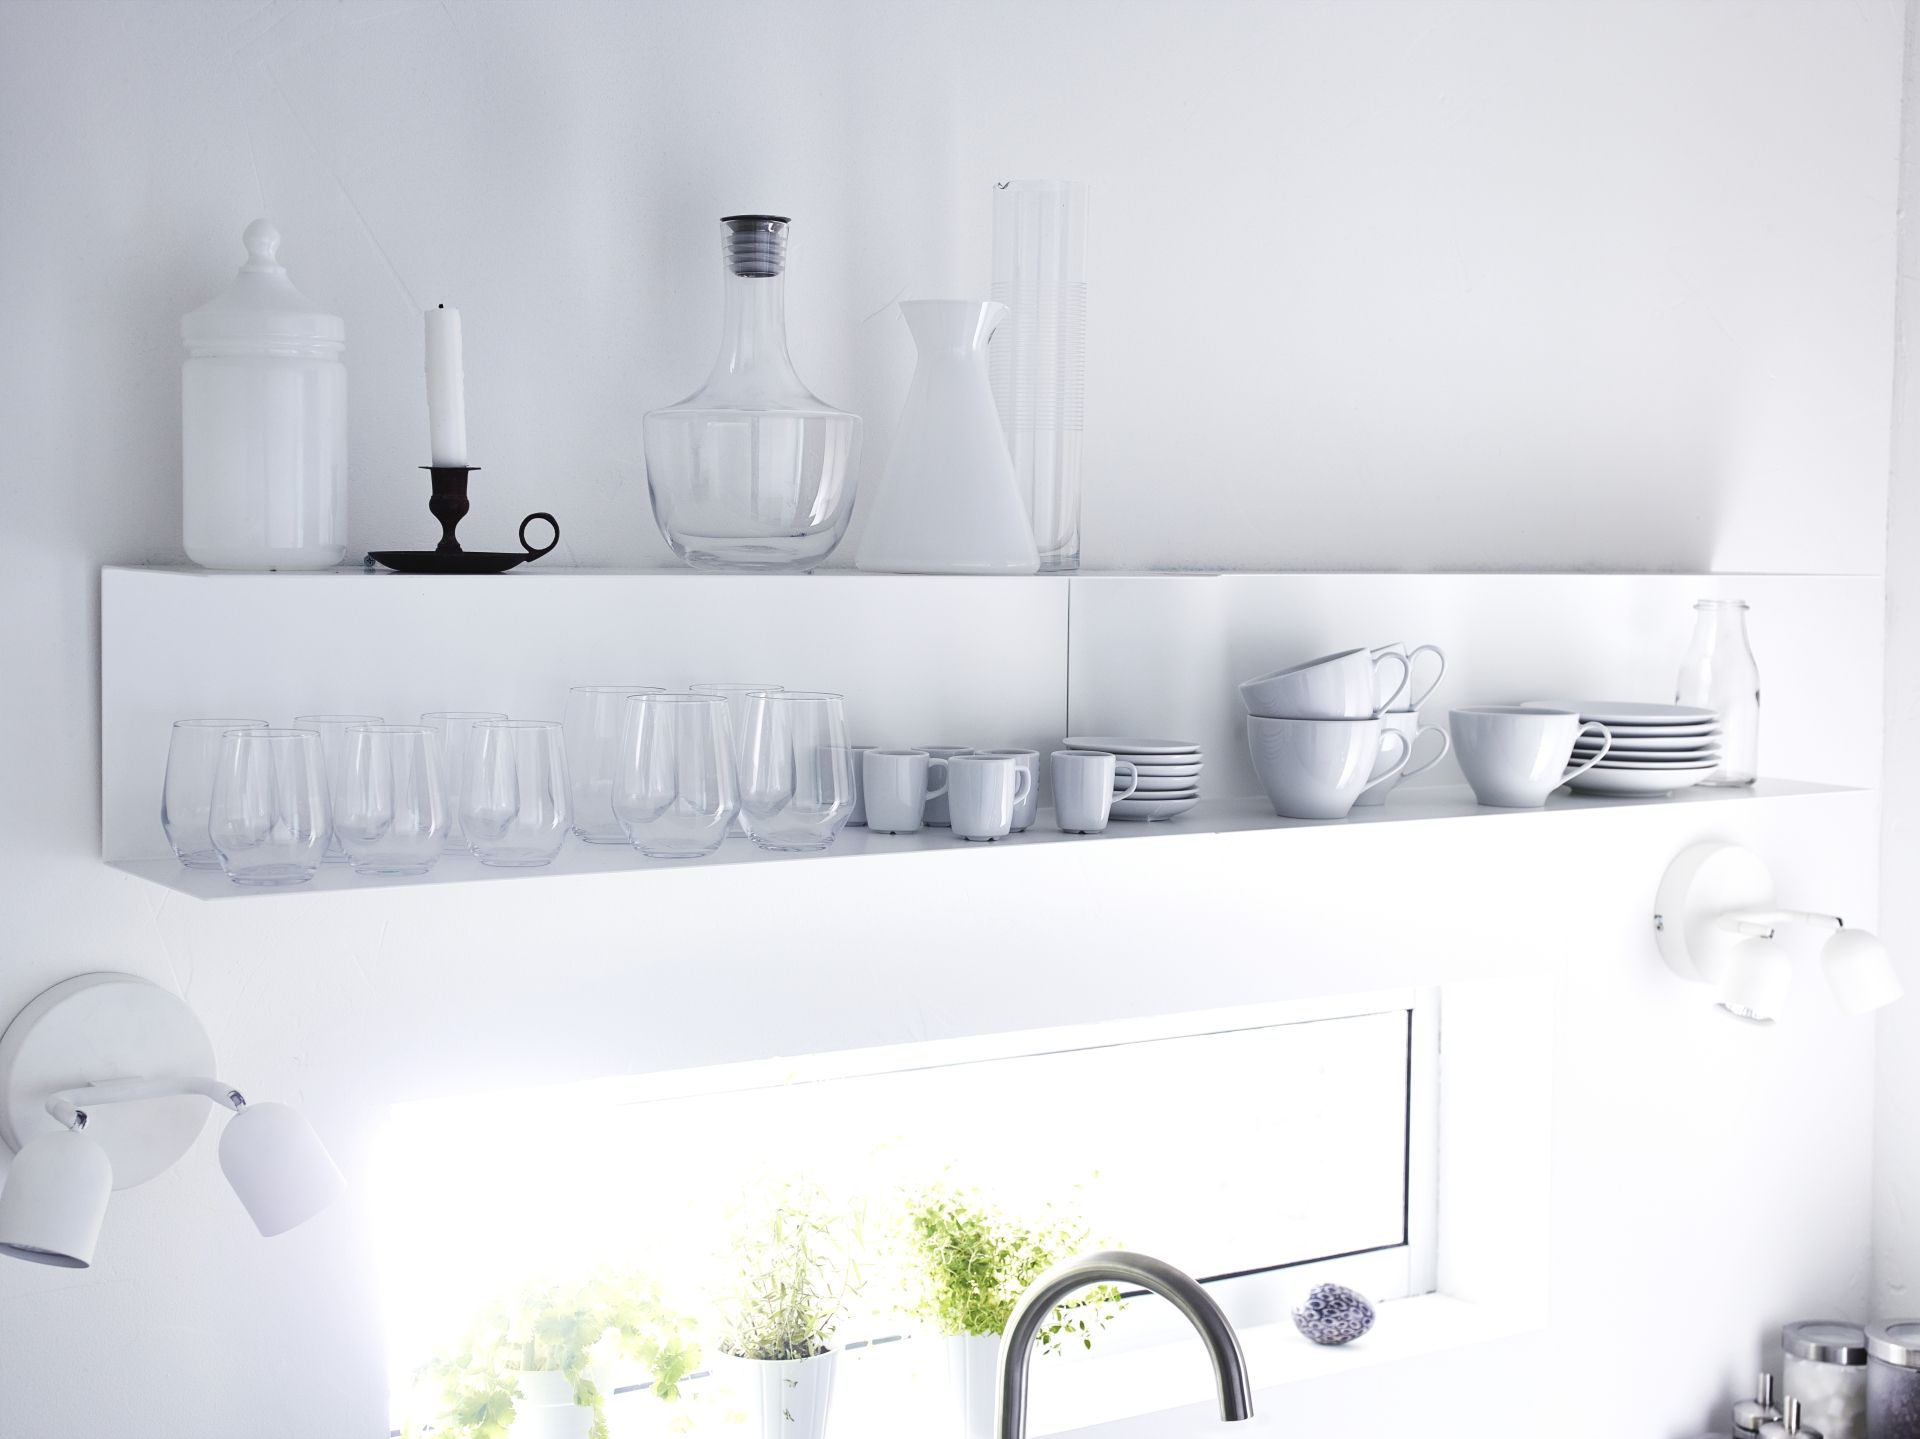 hÄmta karaf | #ikea #ikeanl #keuken #wit #servies #koken | home